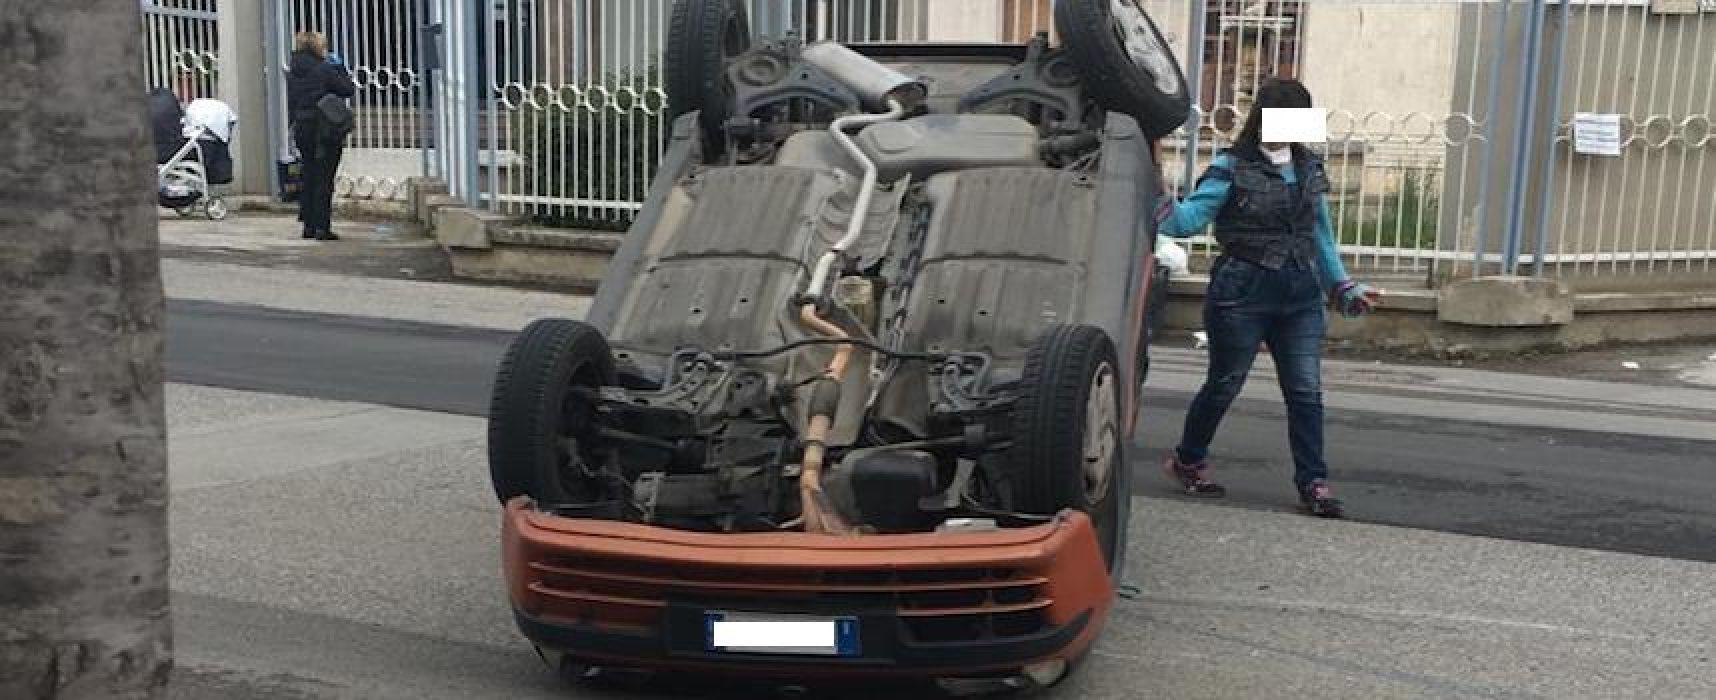 Auto si ribalta su via Bovio, miracolosamente illeso il protagonista dell'incidente